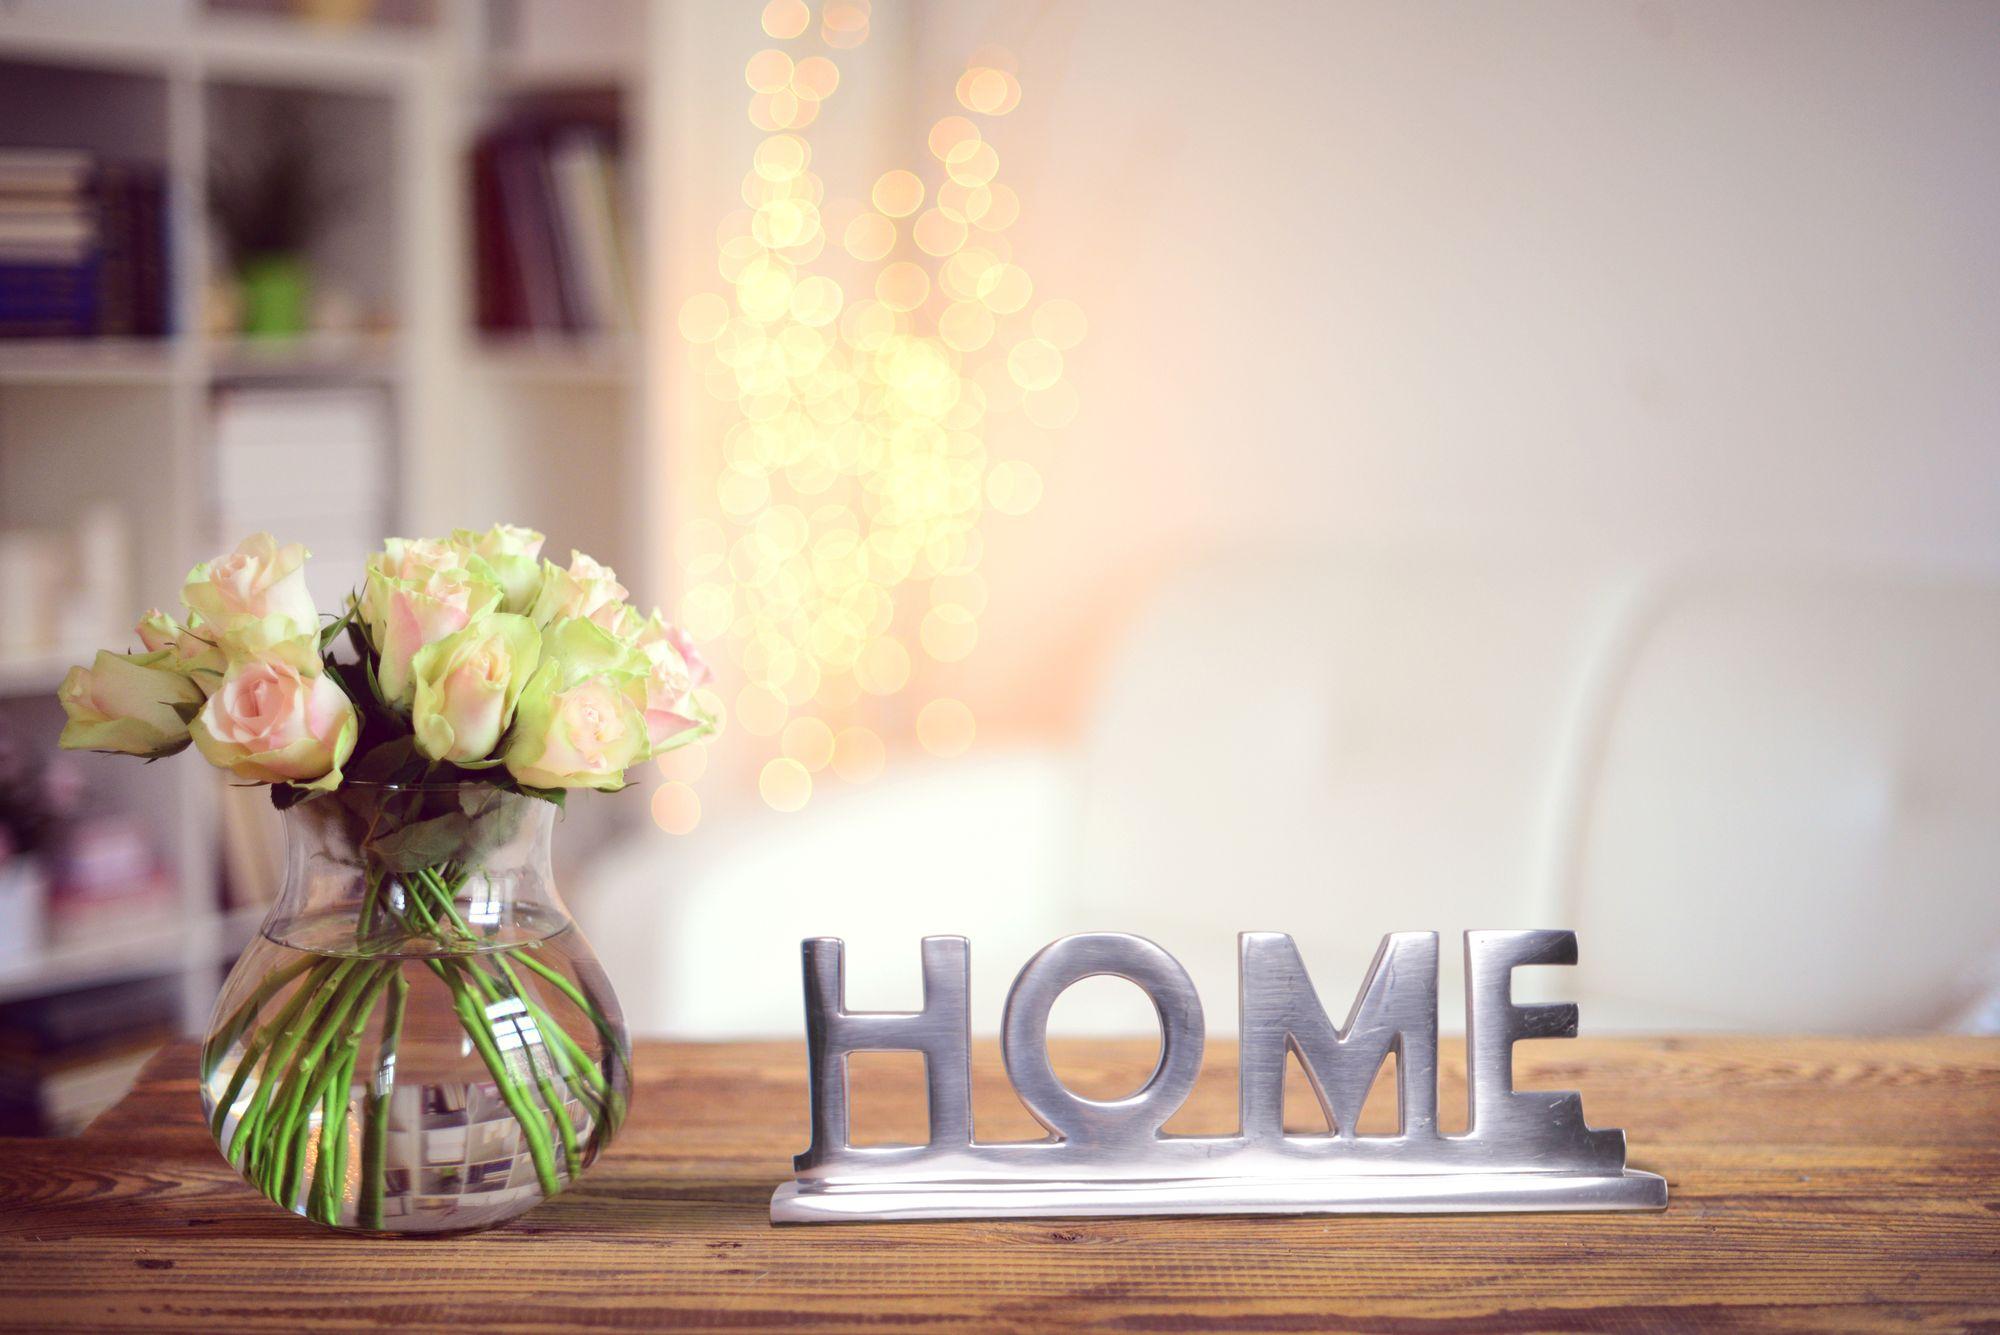 FineBuy Home Deko Schriftzug Design Wohnzimmer Ess Tisch  Dekoration  Wohnung Alu Aluminium Wohndeko Silber